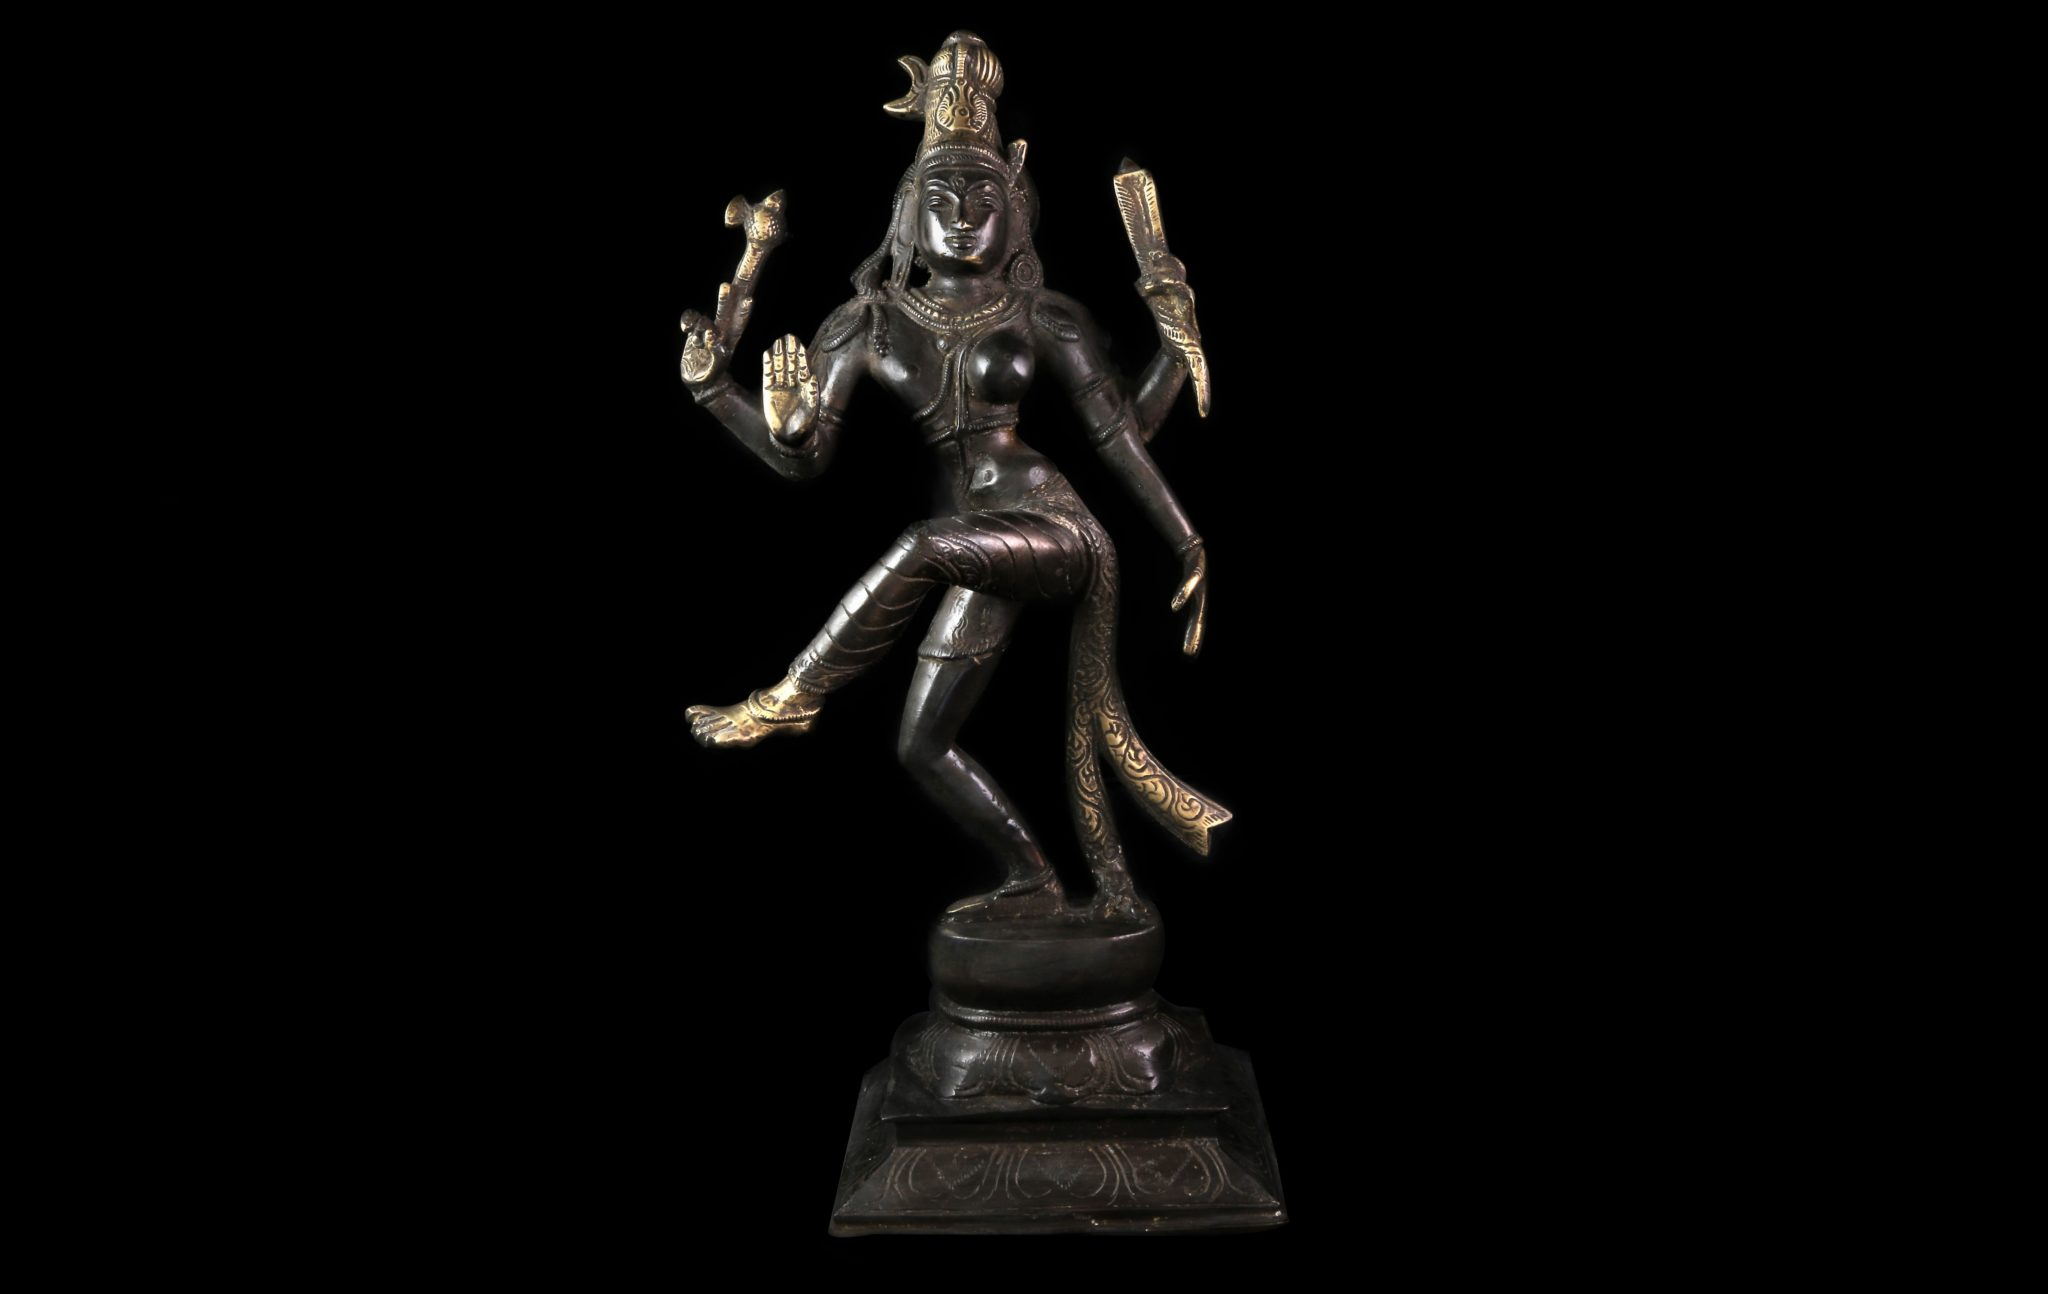 Statue Ardhanari shiva achat paris mes indes galantes yoga